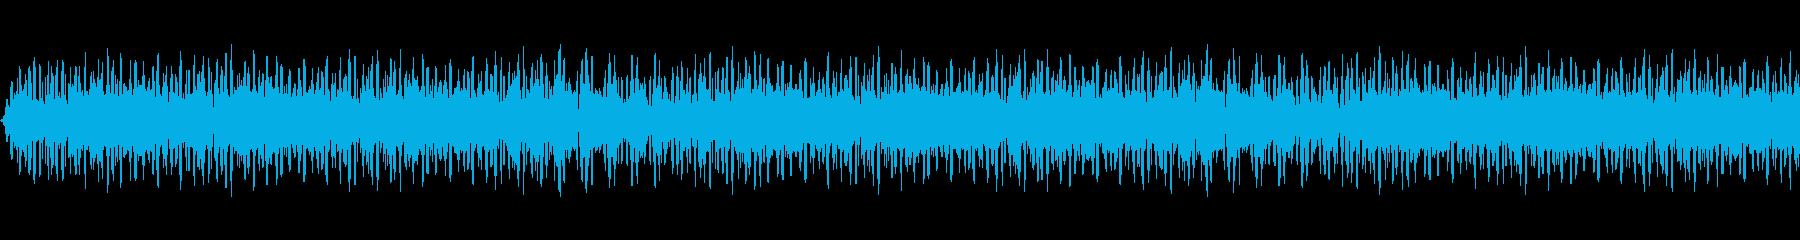 不気味な反響するハム。ハムWeb ...の再生済みの波形